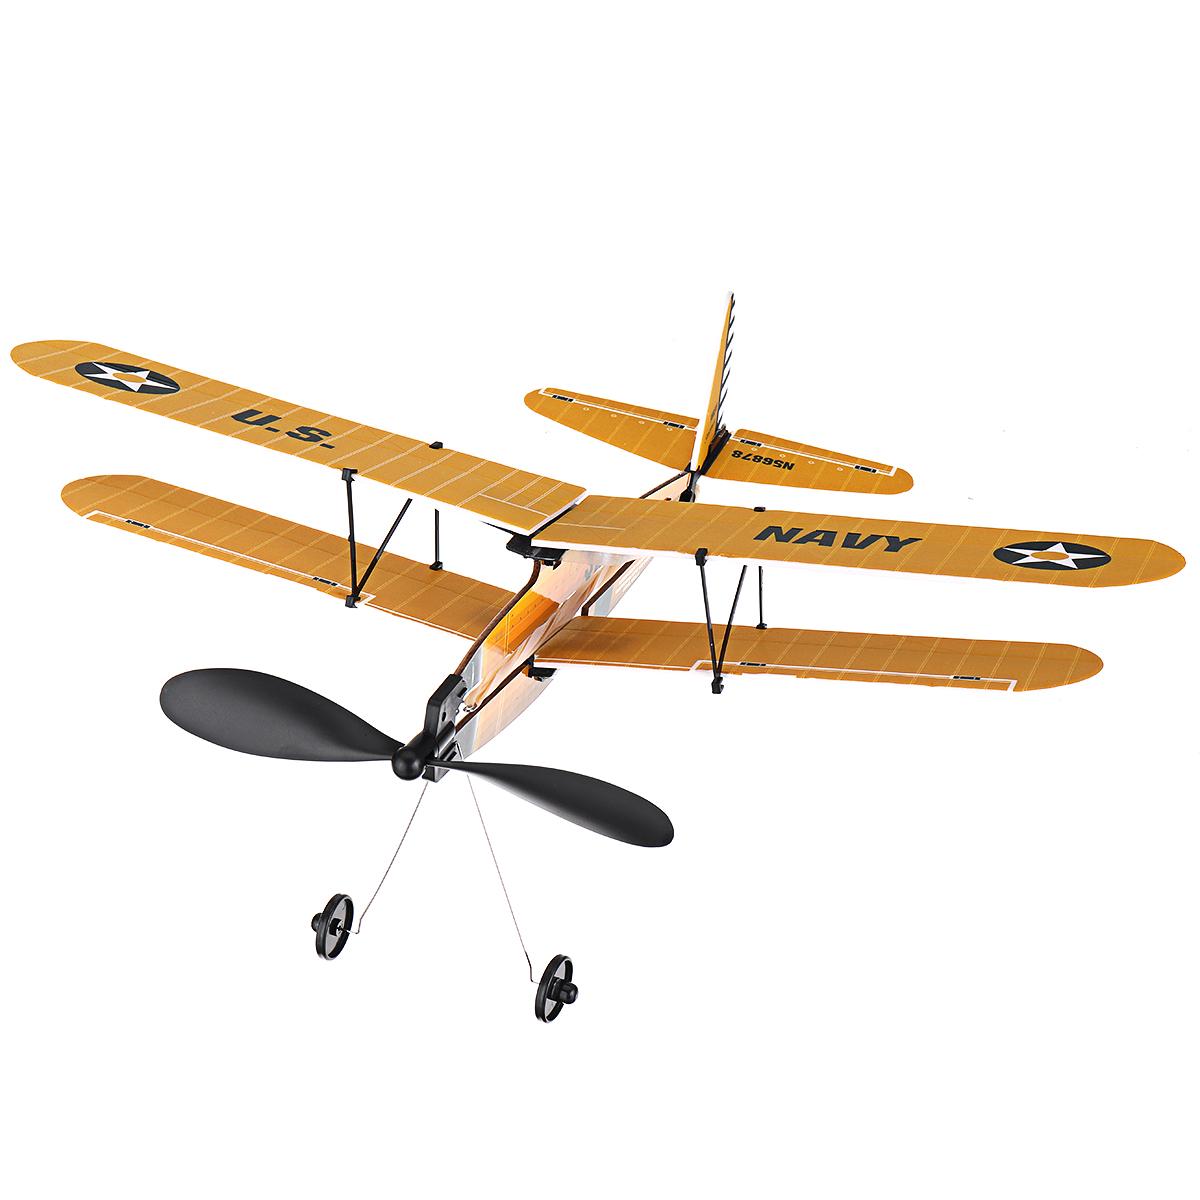 Модель STEM ZT 18 дюймов STEARMAN Rubber Стандарты Модель самолета с воздушным двигателем - фото 6